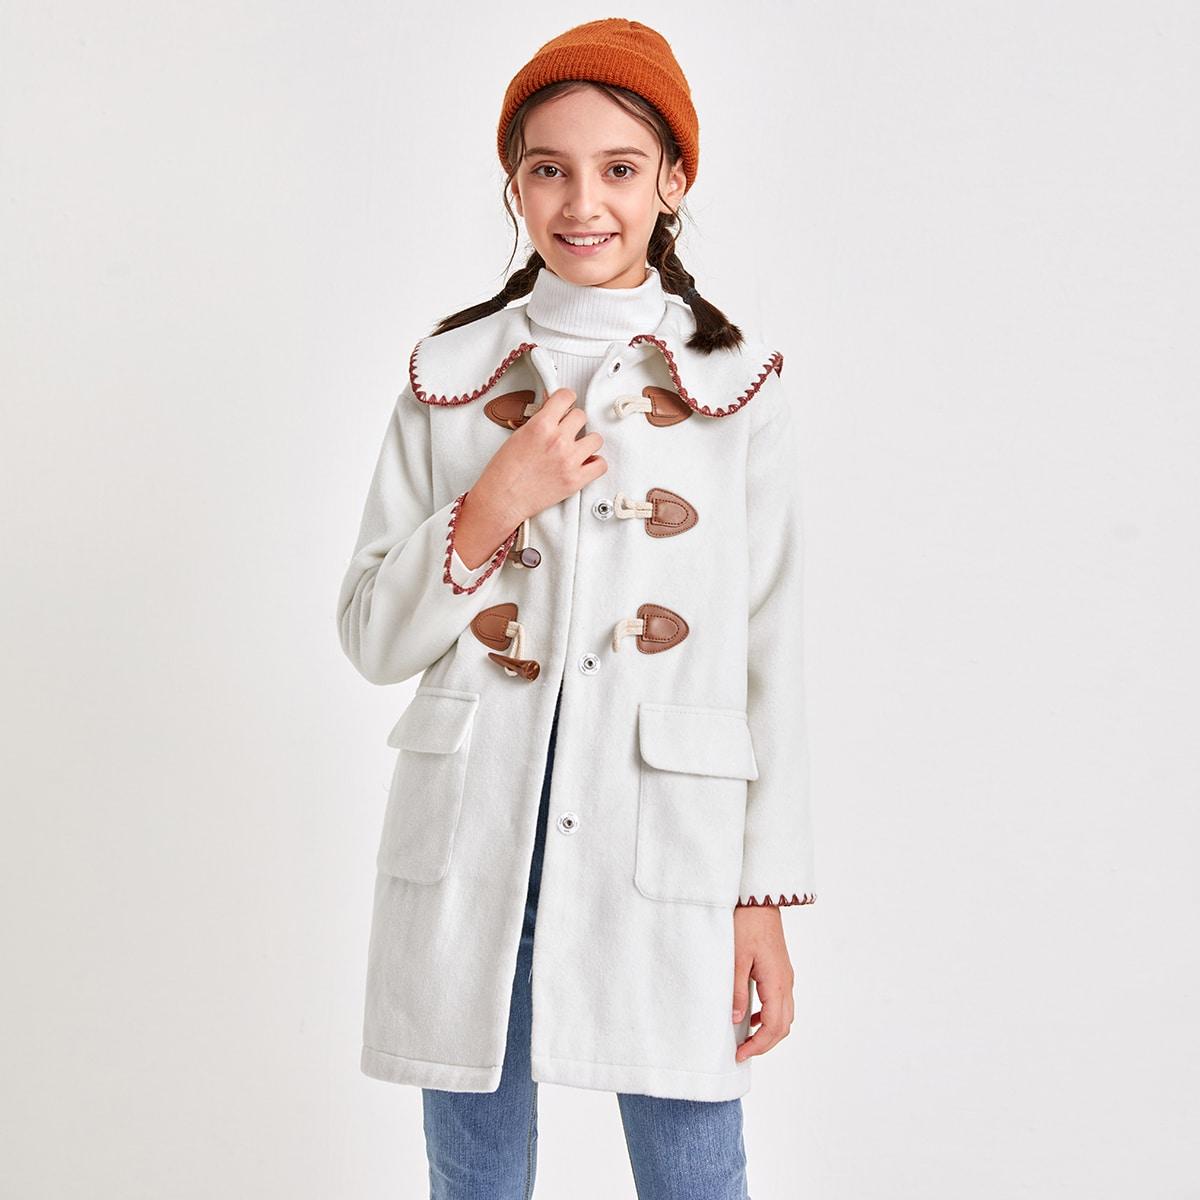 Mantel mit ausgefranstem Saum und Taschen Klappen vorn